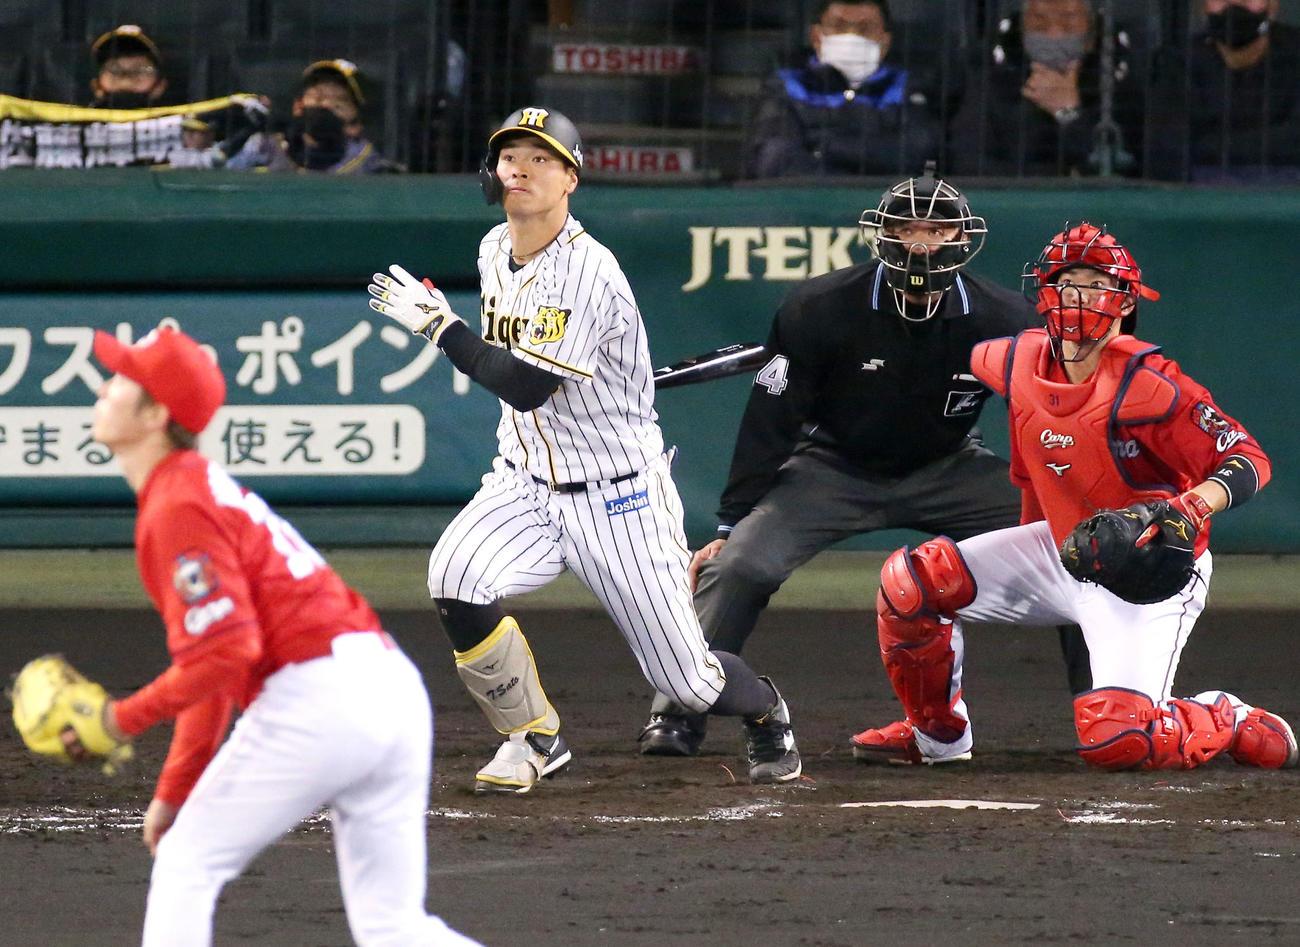 阪神対広島 4回裏阪神無死一塁、佐藤輝は甲子園1号となる右越え2点本塁打を放つ(撮影・上山淳一)